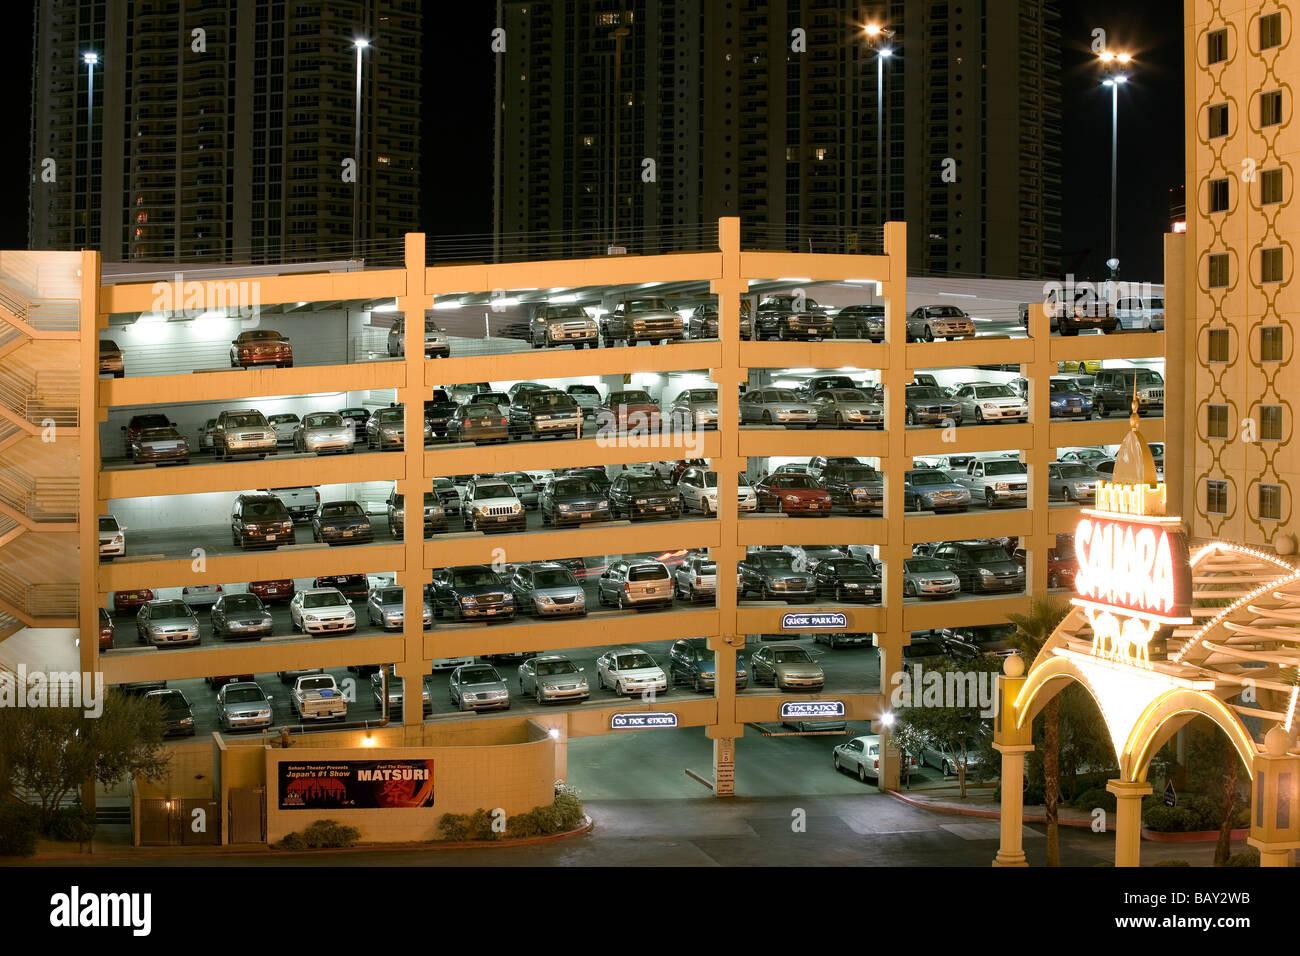 Parking lots and multi story car parks, Backyard of the Las Vegas Casinos, Las Vegas, Nevada, USA - Stock Image